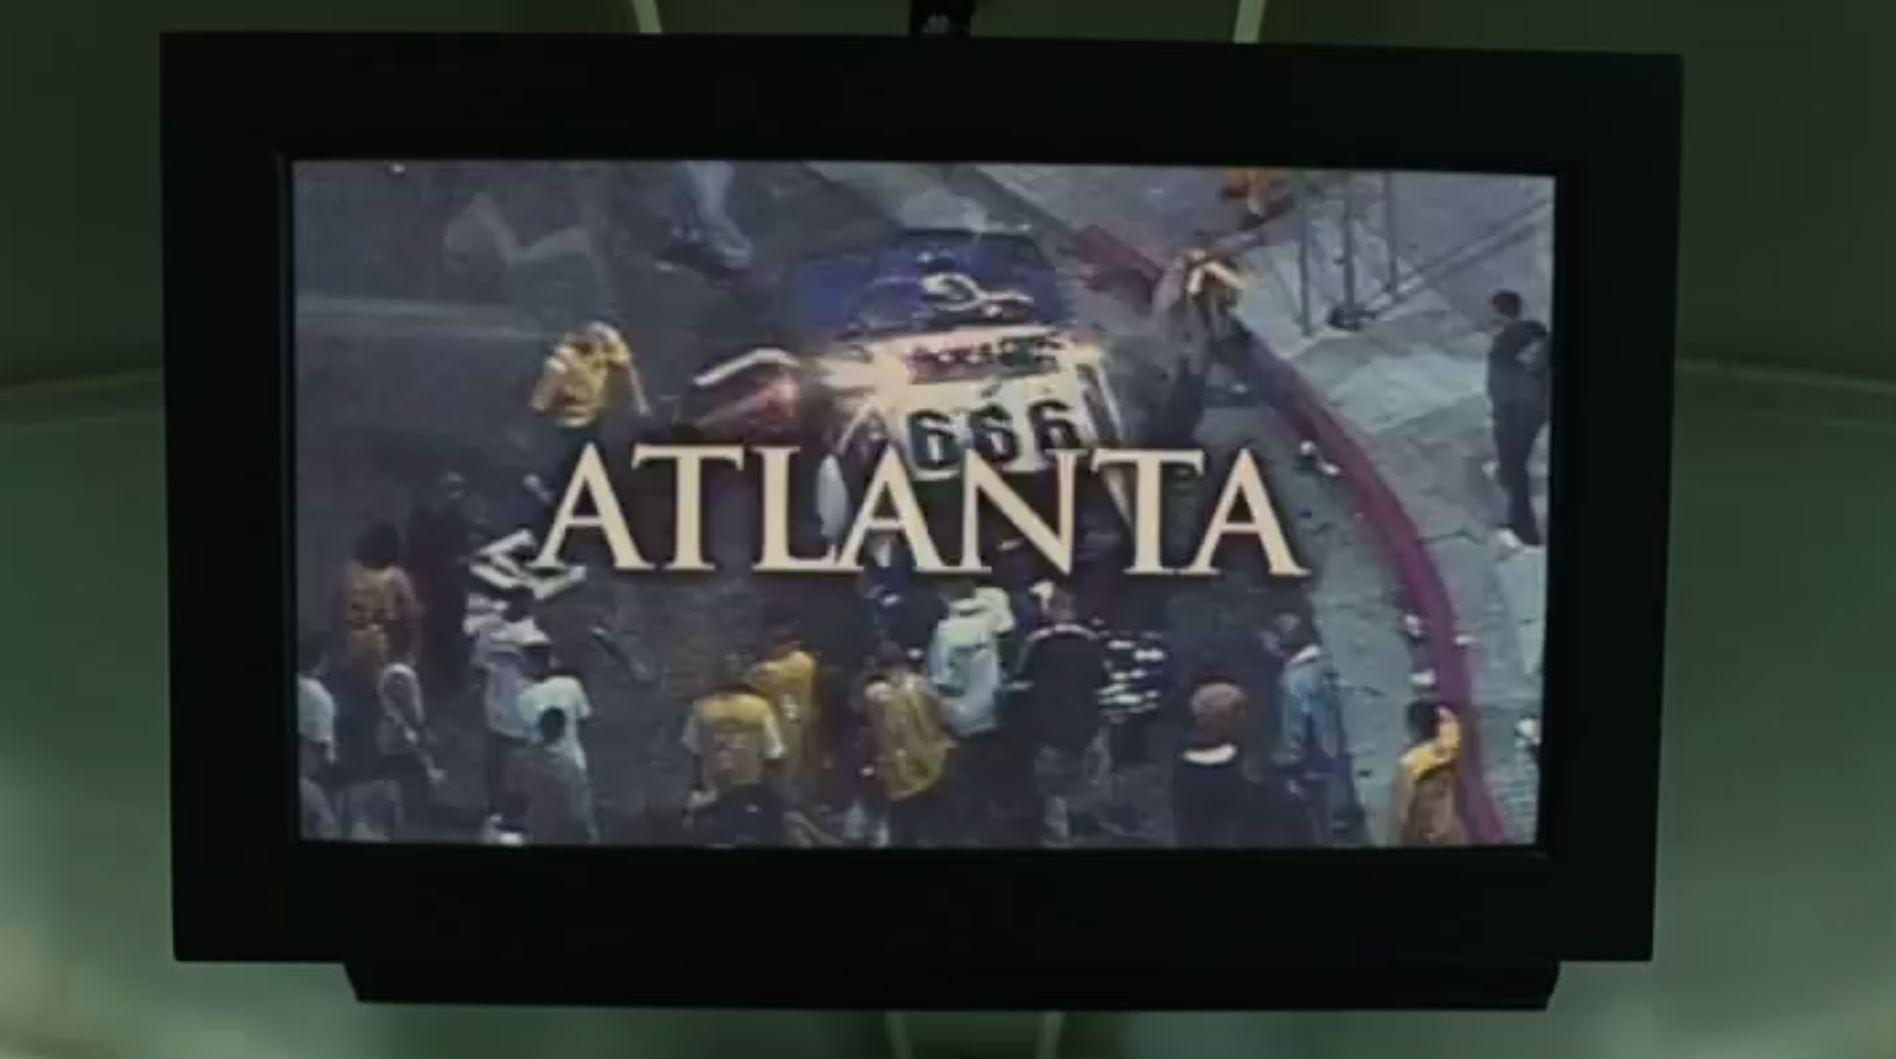 Im Spielfilm Children of men erscheint in einer Nachrichteneinblendung ein Polizeiauto mit der Zahl 666 (Minute 3.58).